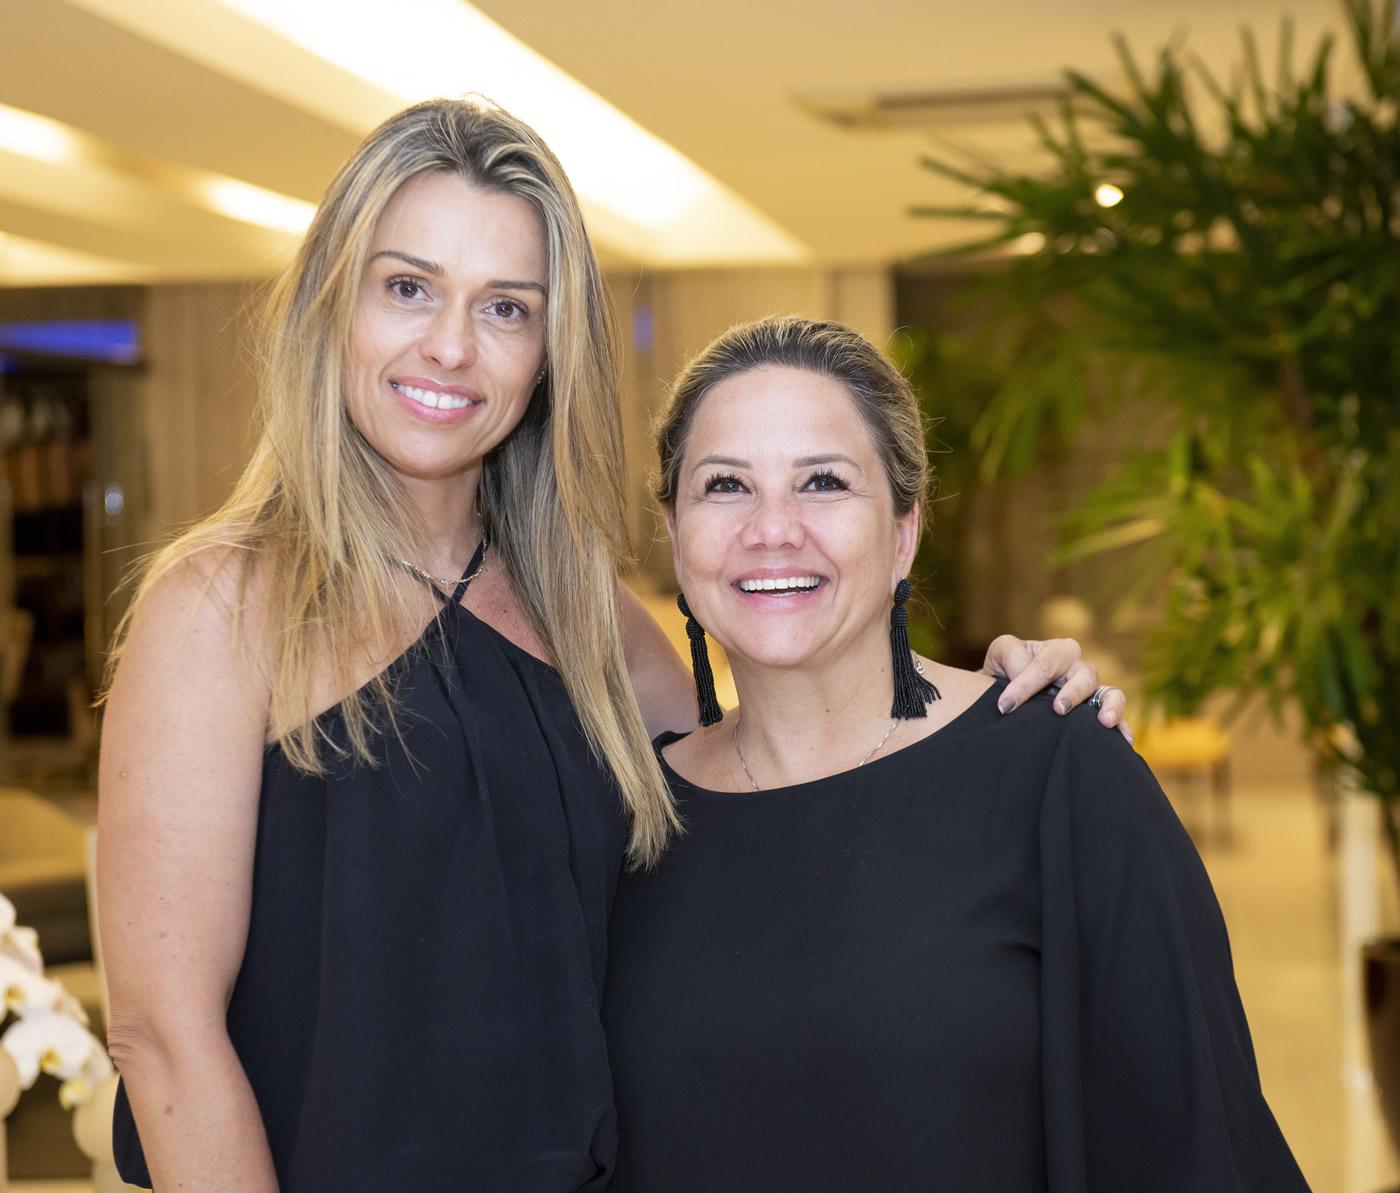 Liliani Barreto e Claudia Vanzillotta